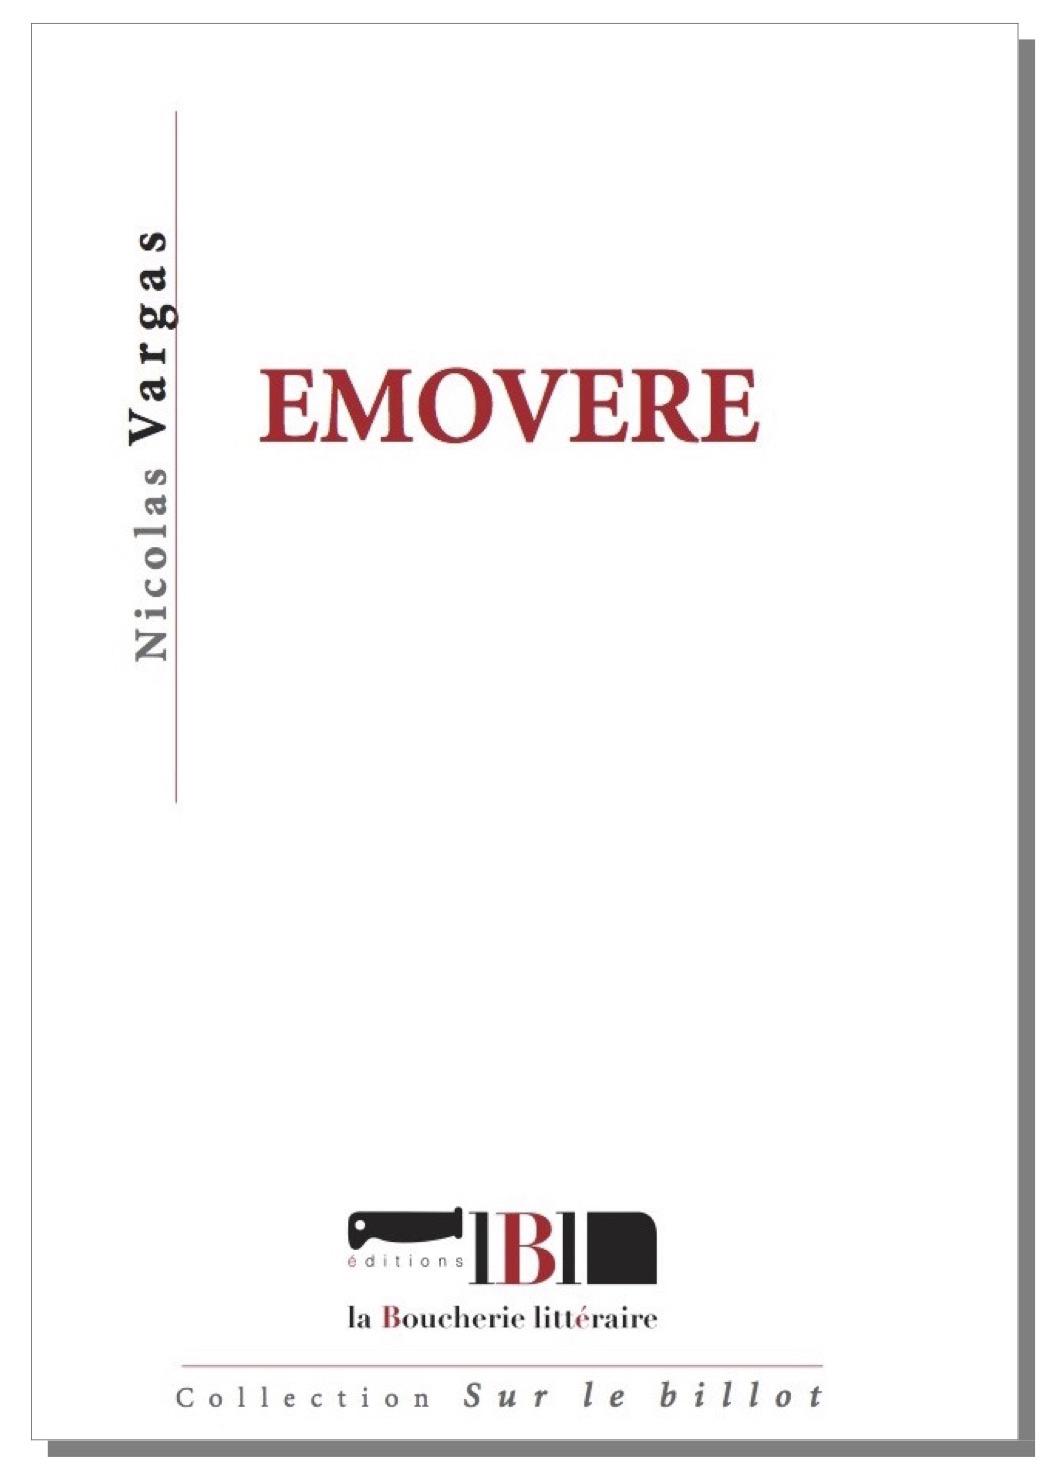 Nicolas Vargas, Emovere, La Boucherie littéraire éditions, collection « Sur le Billot ». Non paginé, 10 euros. En librairie